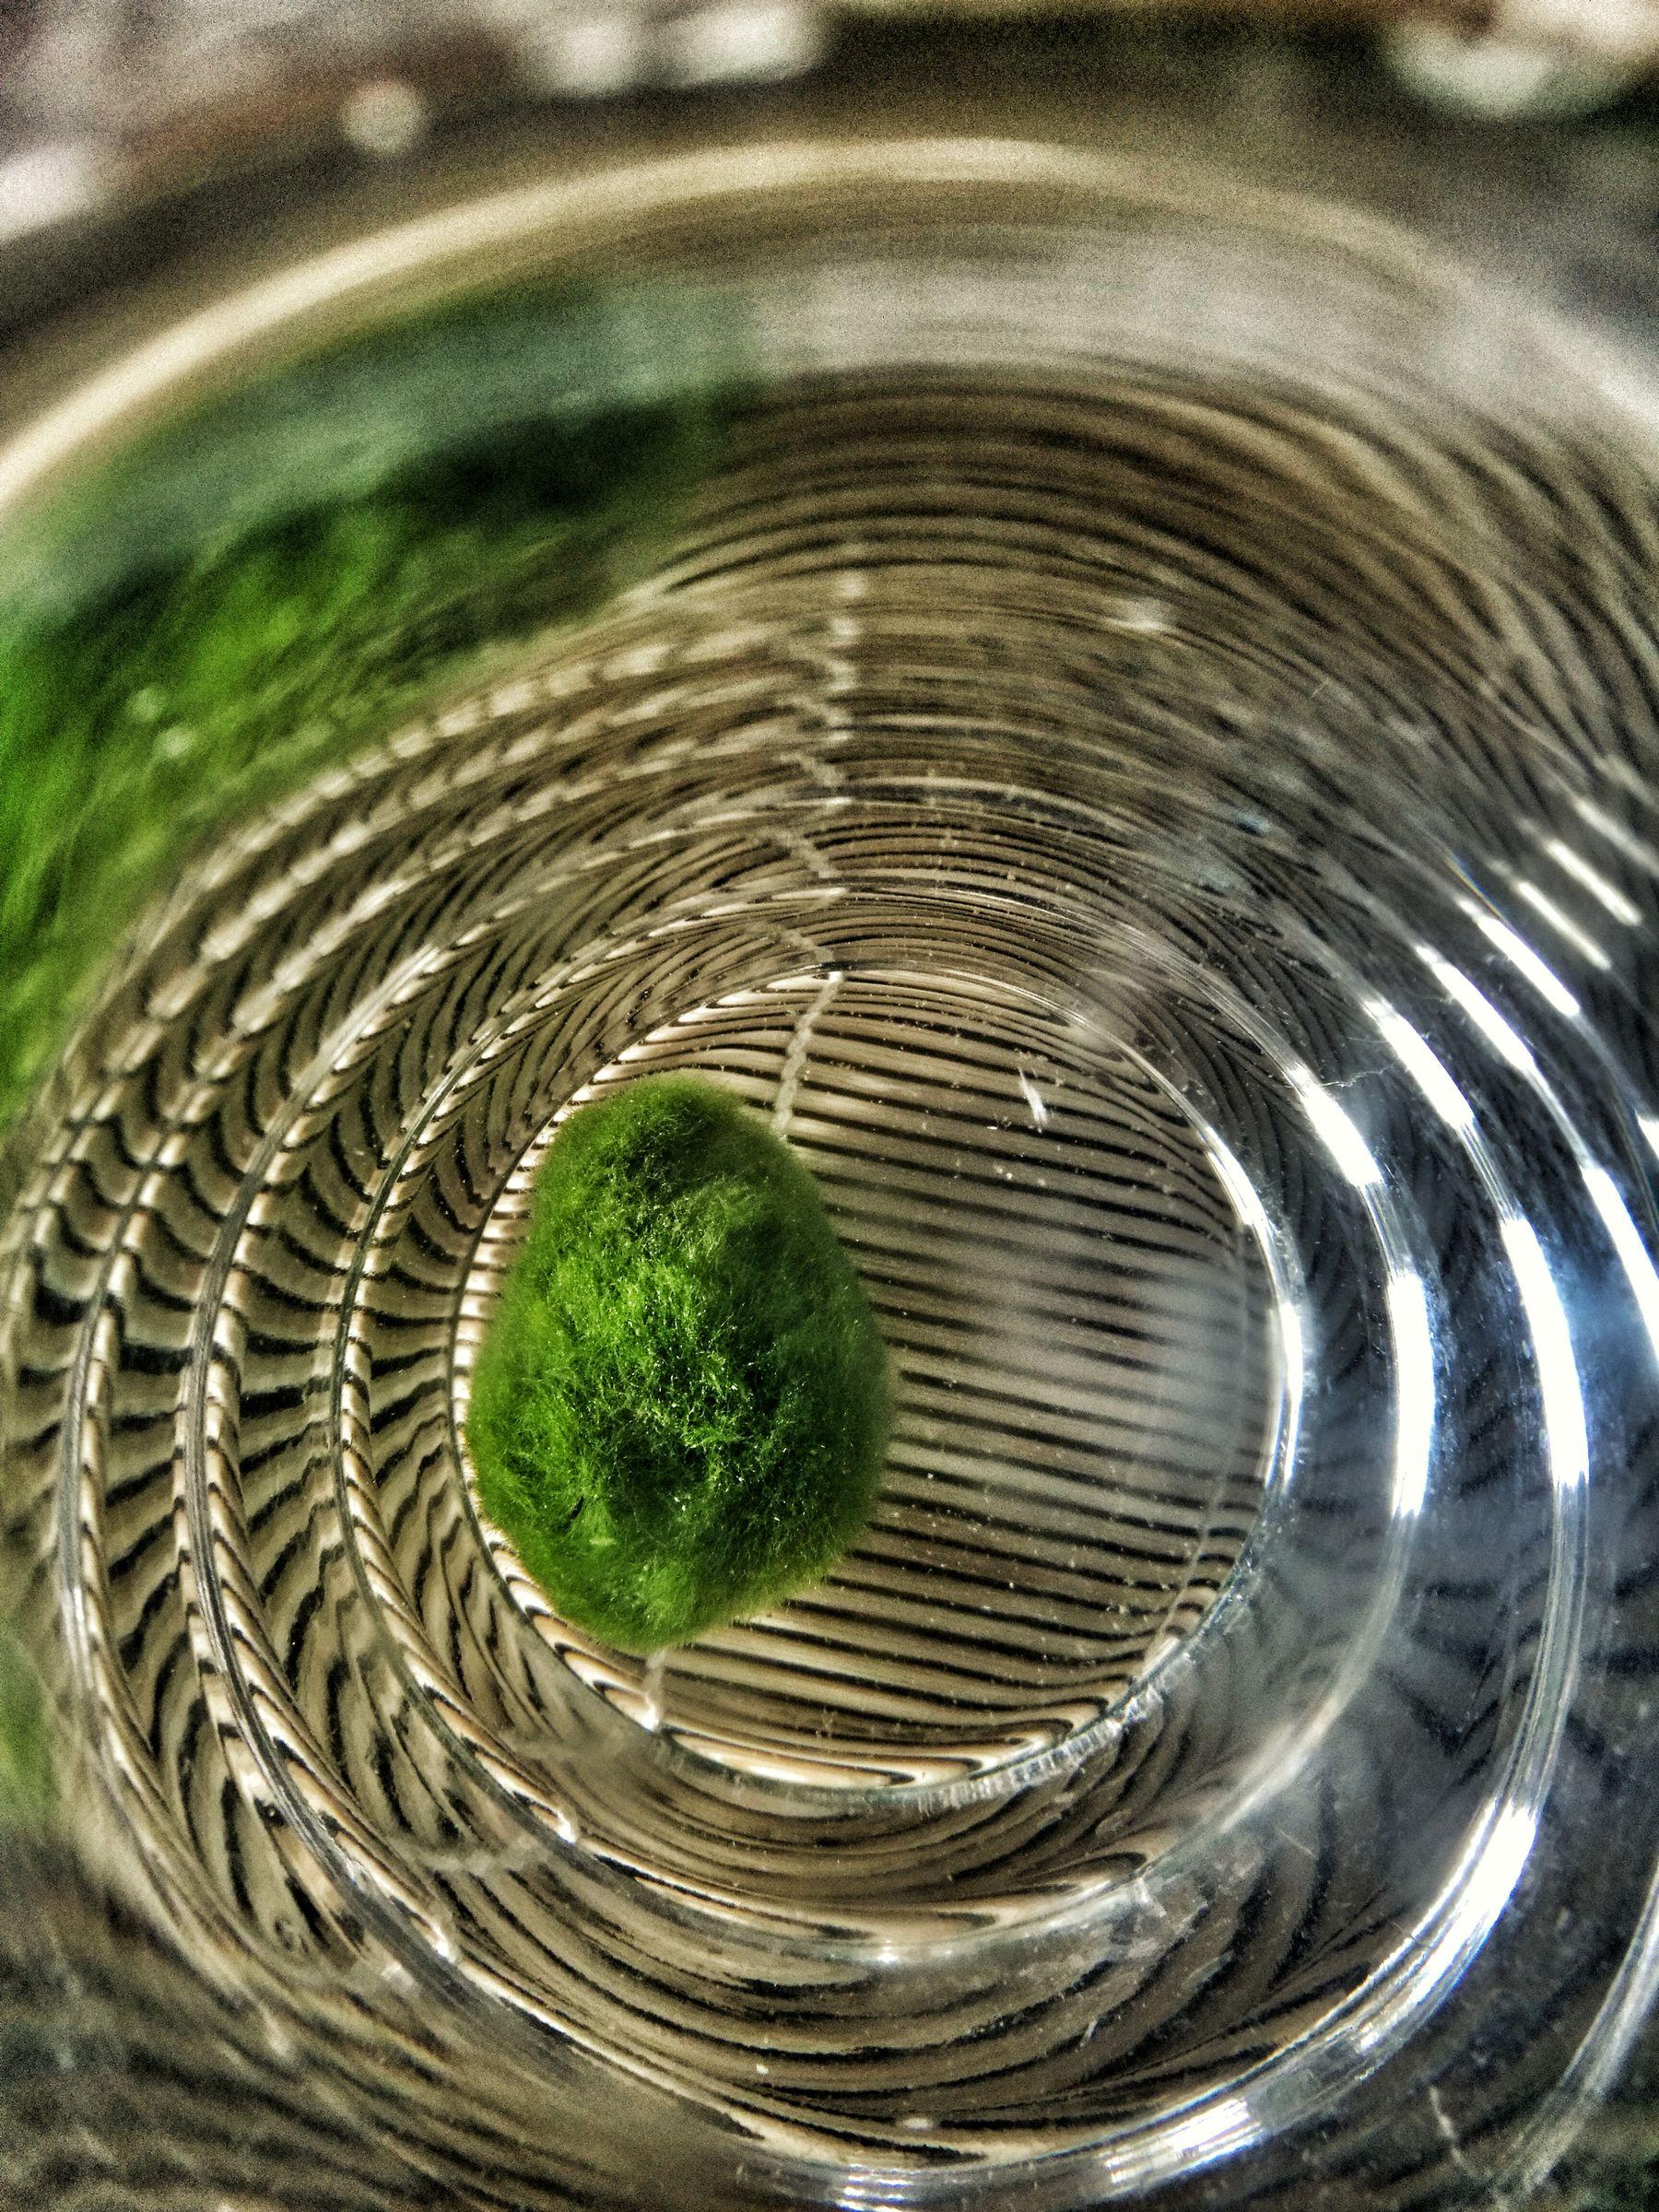 marimo alga giapponese a casa Blossom zine